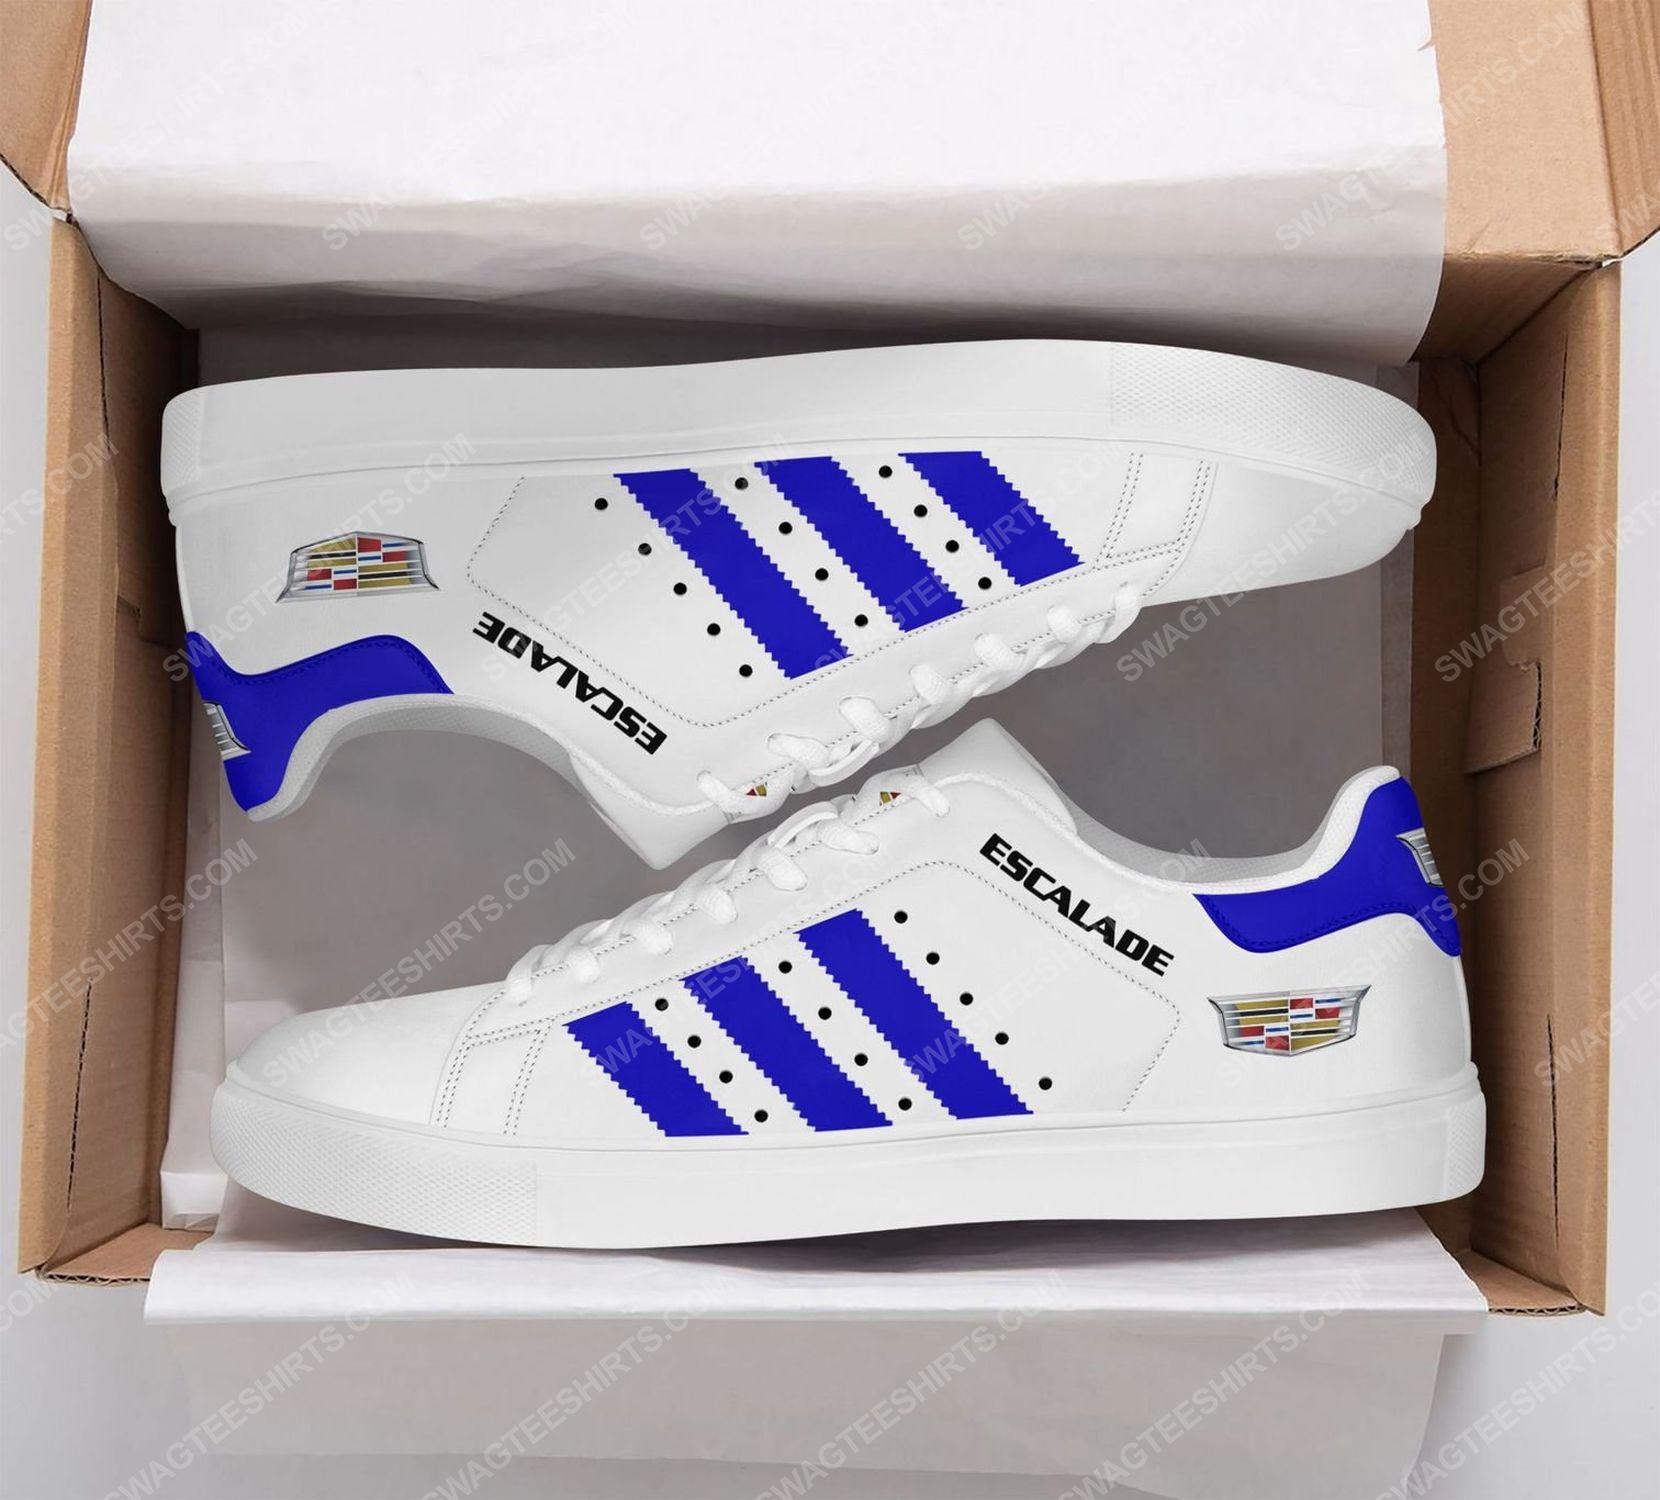 Cadillac escalade version stripe blue stan smith shoes 2